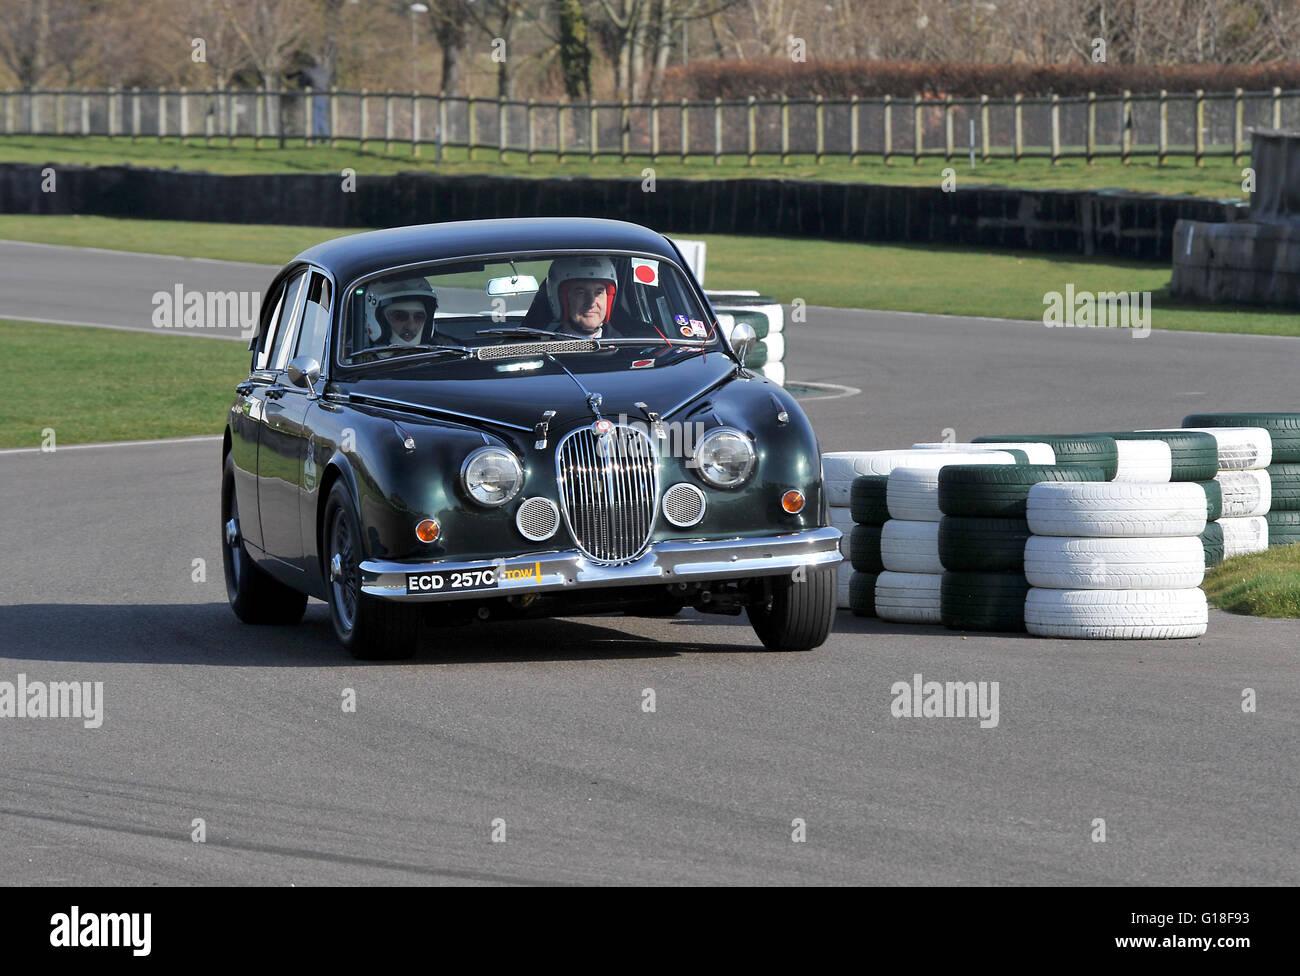 Mk2 Jaguar Racing Car On Track At Goodwood Stock Photo 104064495